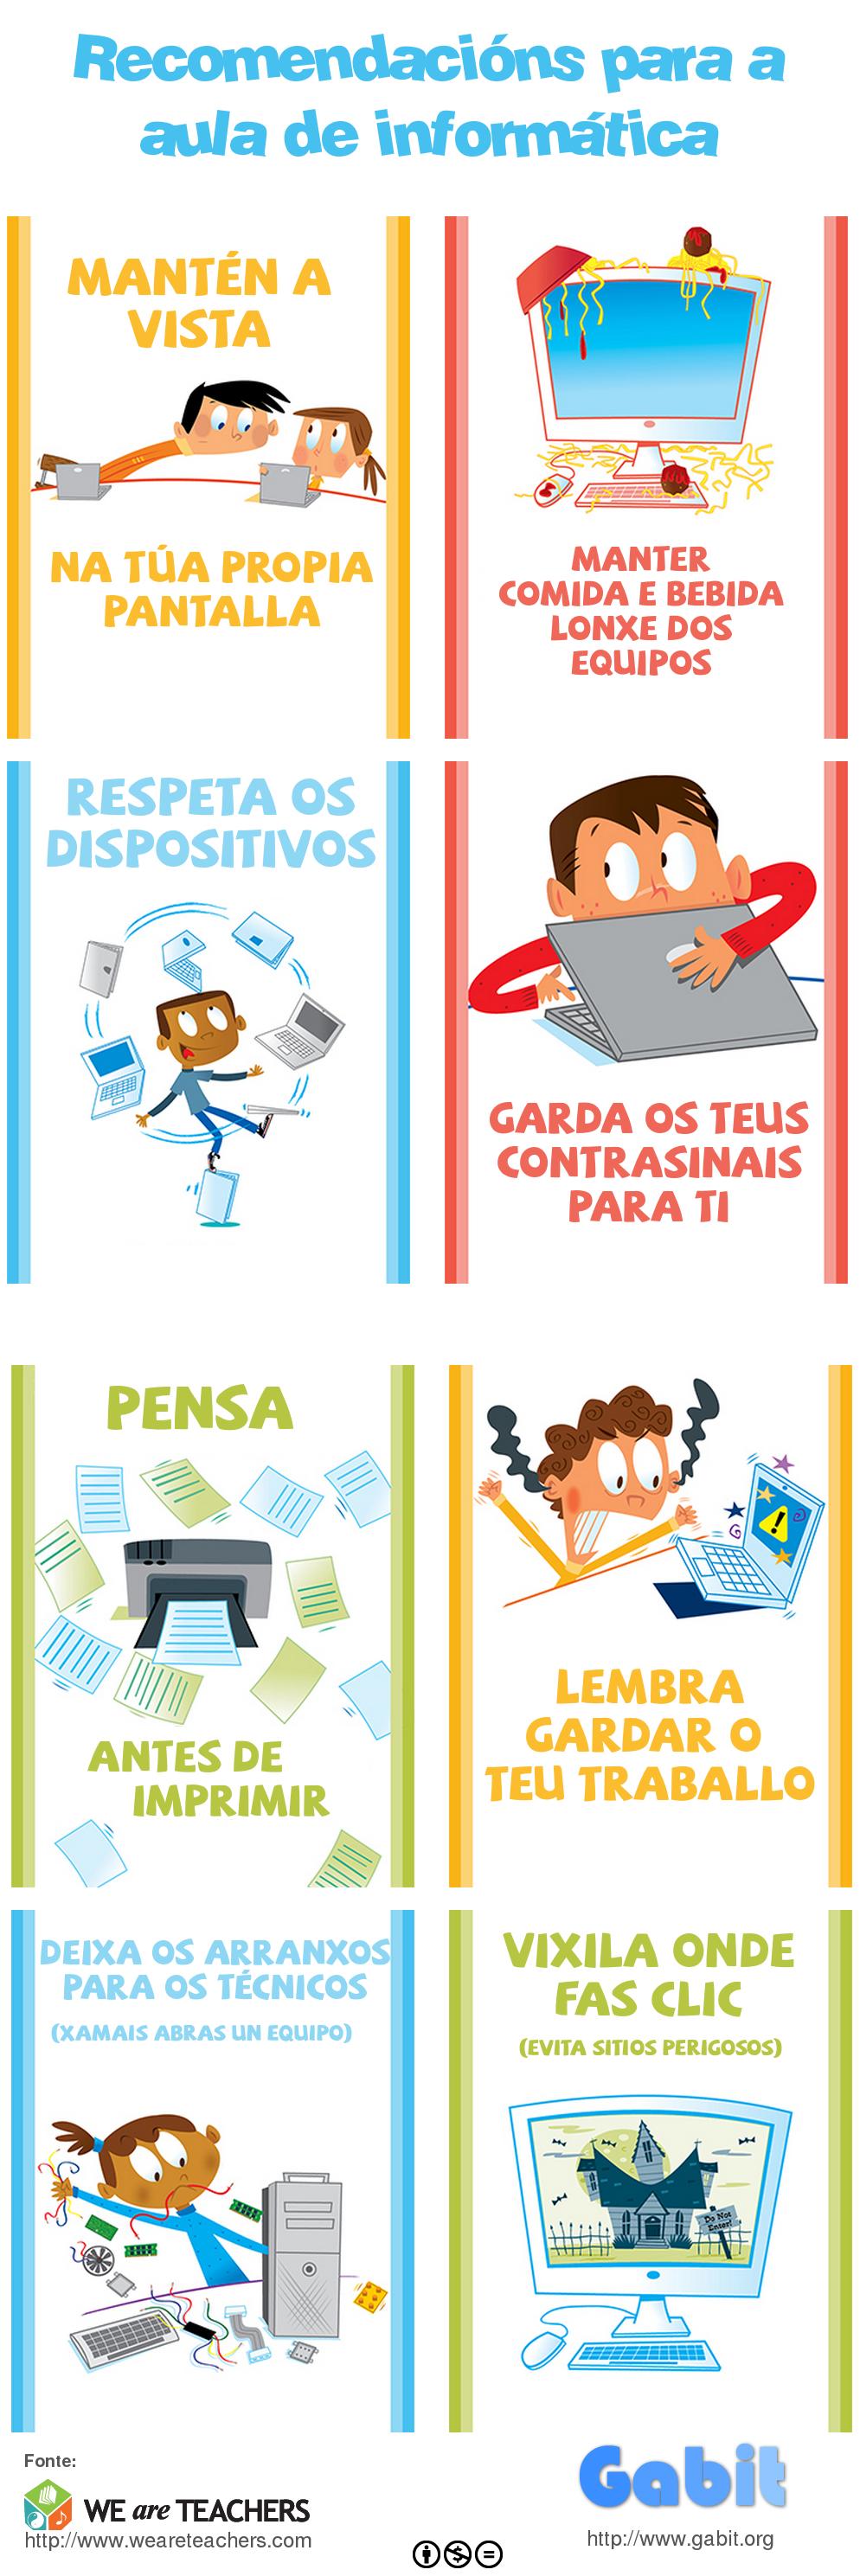 Infografía con recomendacións diarias para a aula de informática